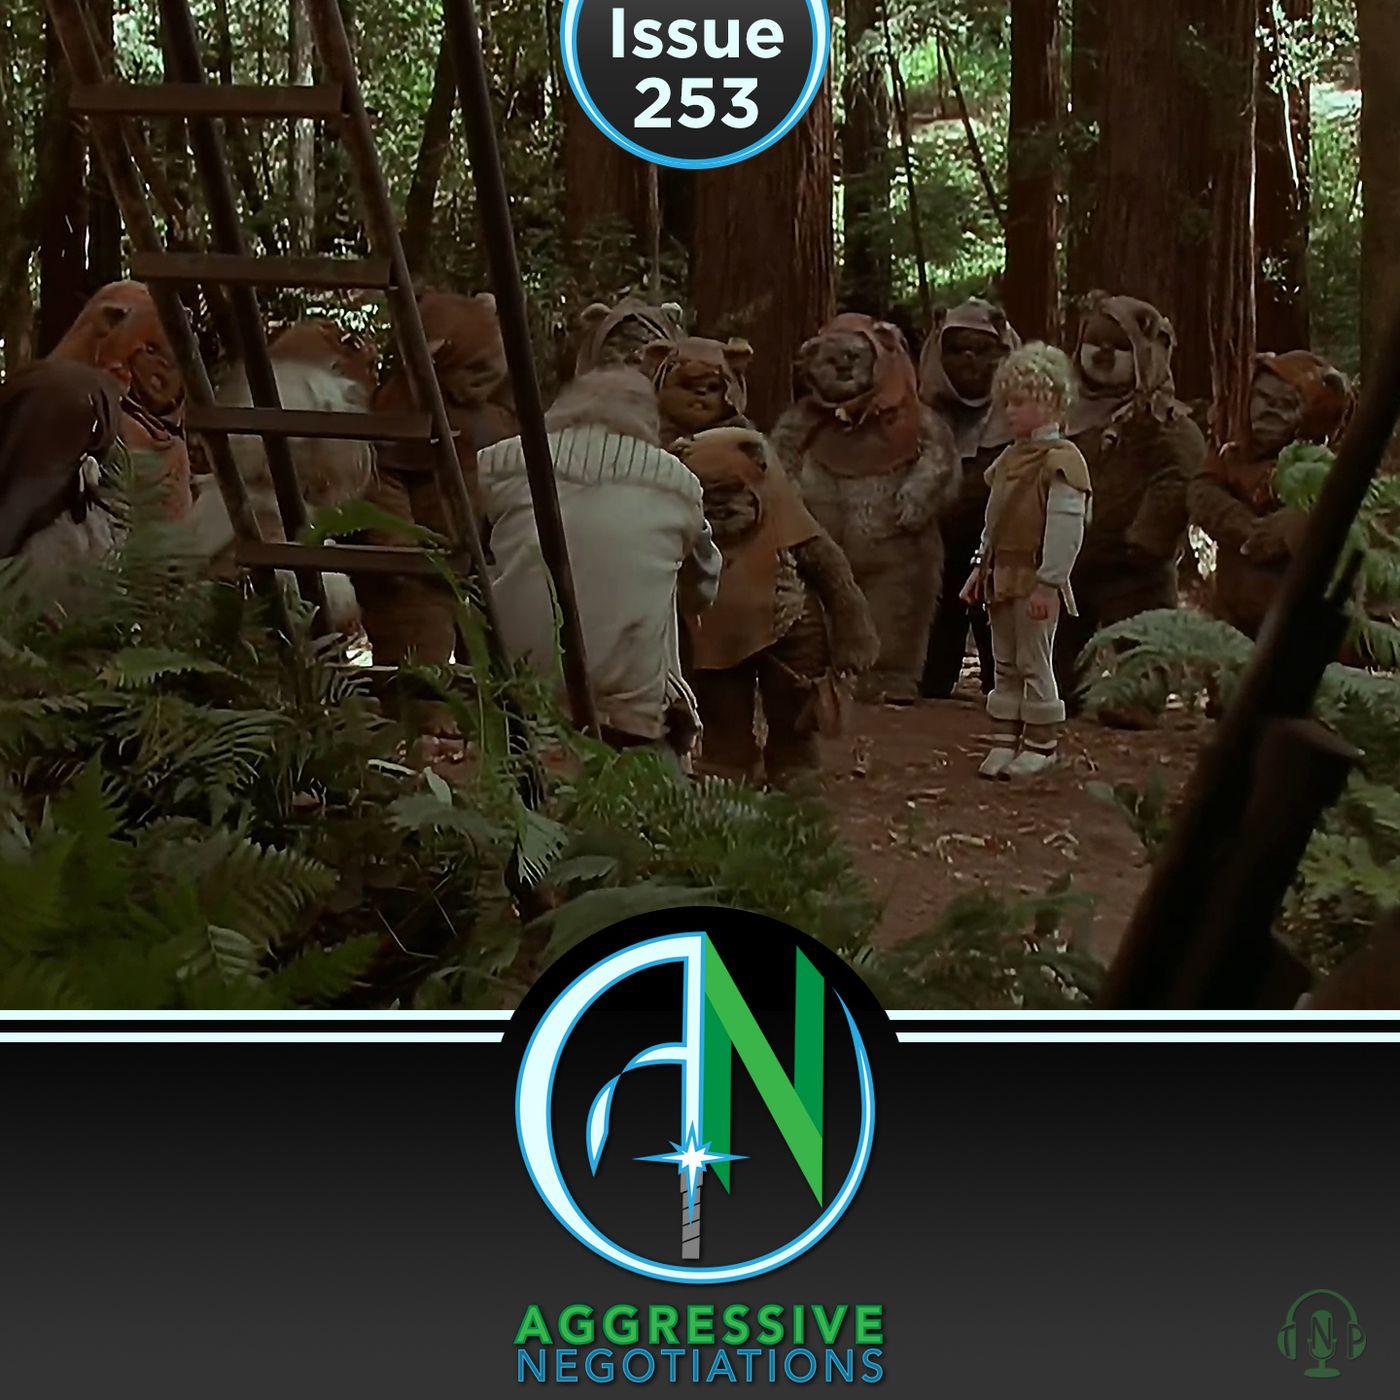 Issue 253: Ewoks: The Battle for Endor